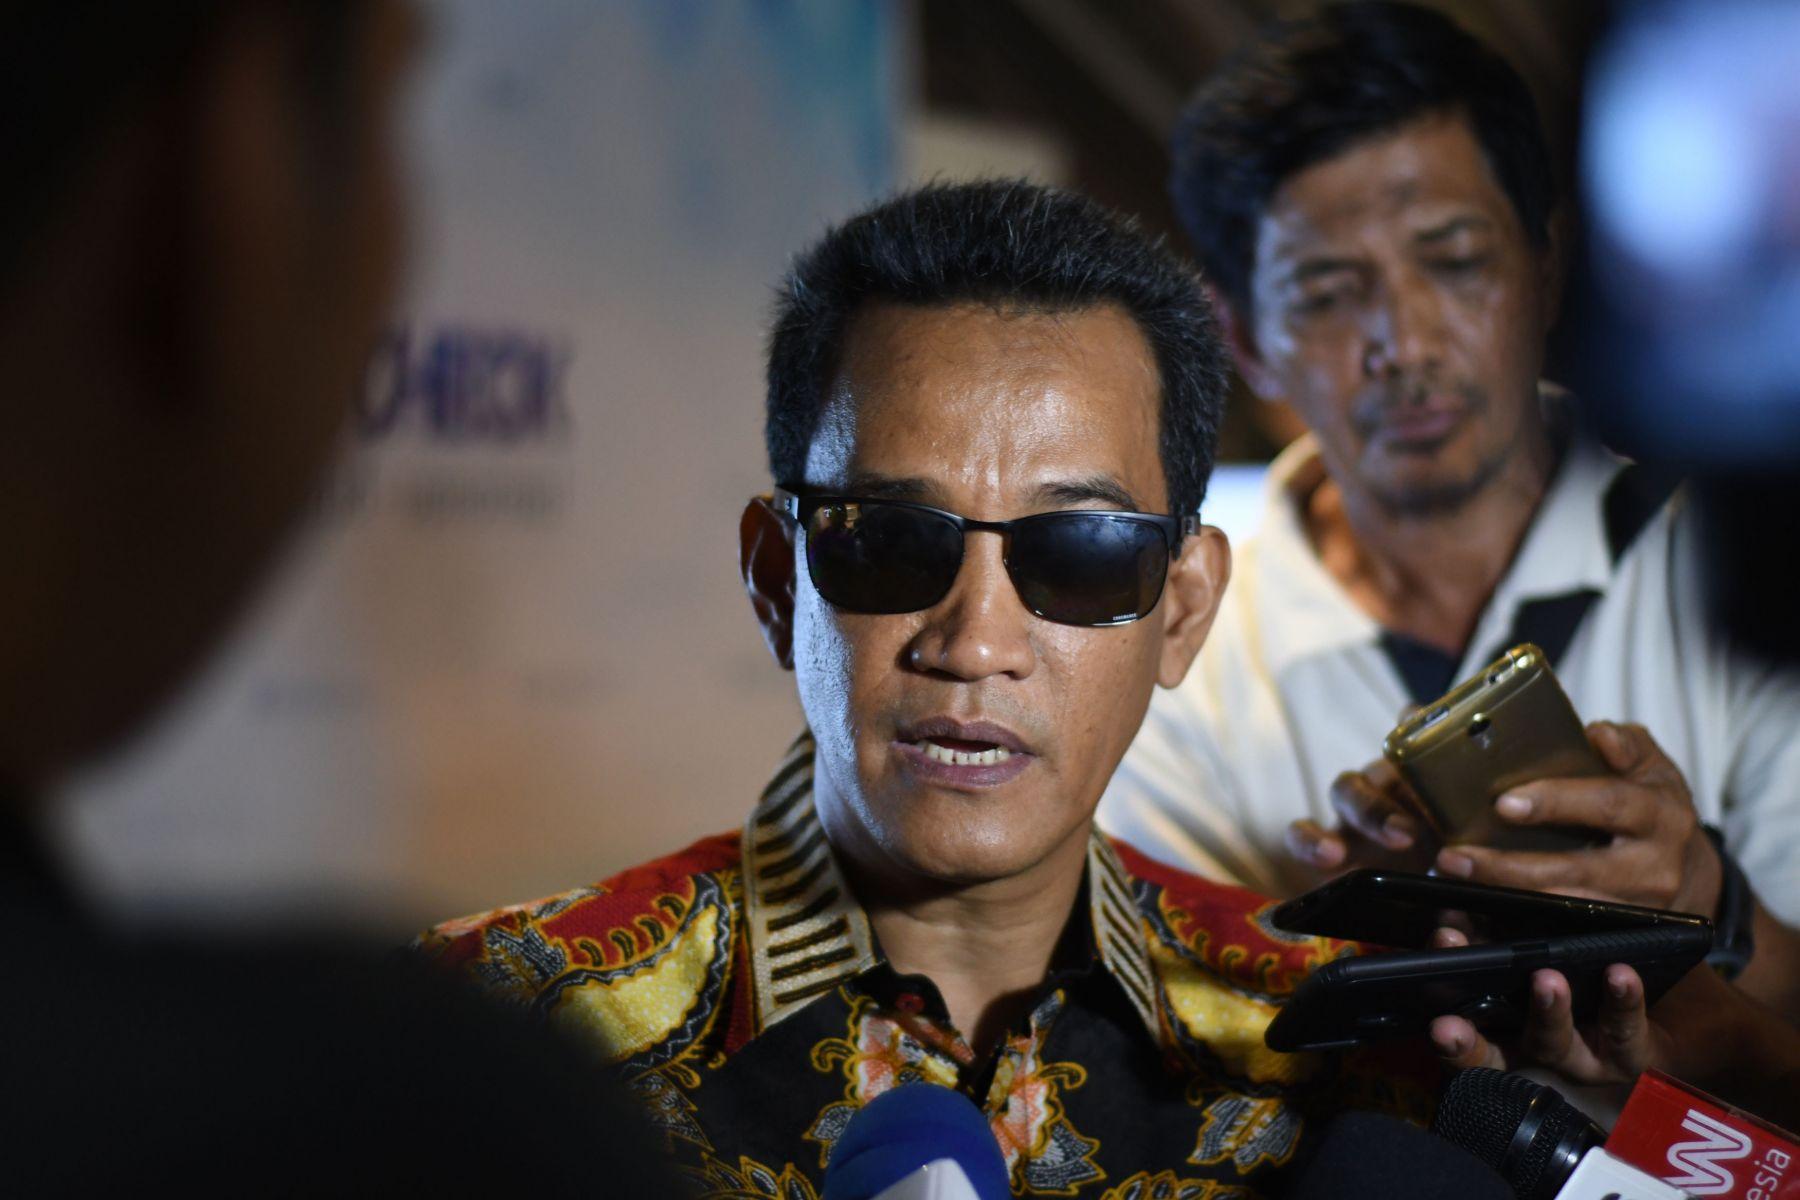 Soroti Kritikan Effendi ke Jokowi, Refly Harun: Dulu Pemerintah Pilih PSBB Juga Karena Mau Lepas Tanggung Jawab!